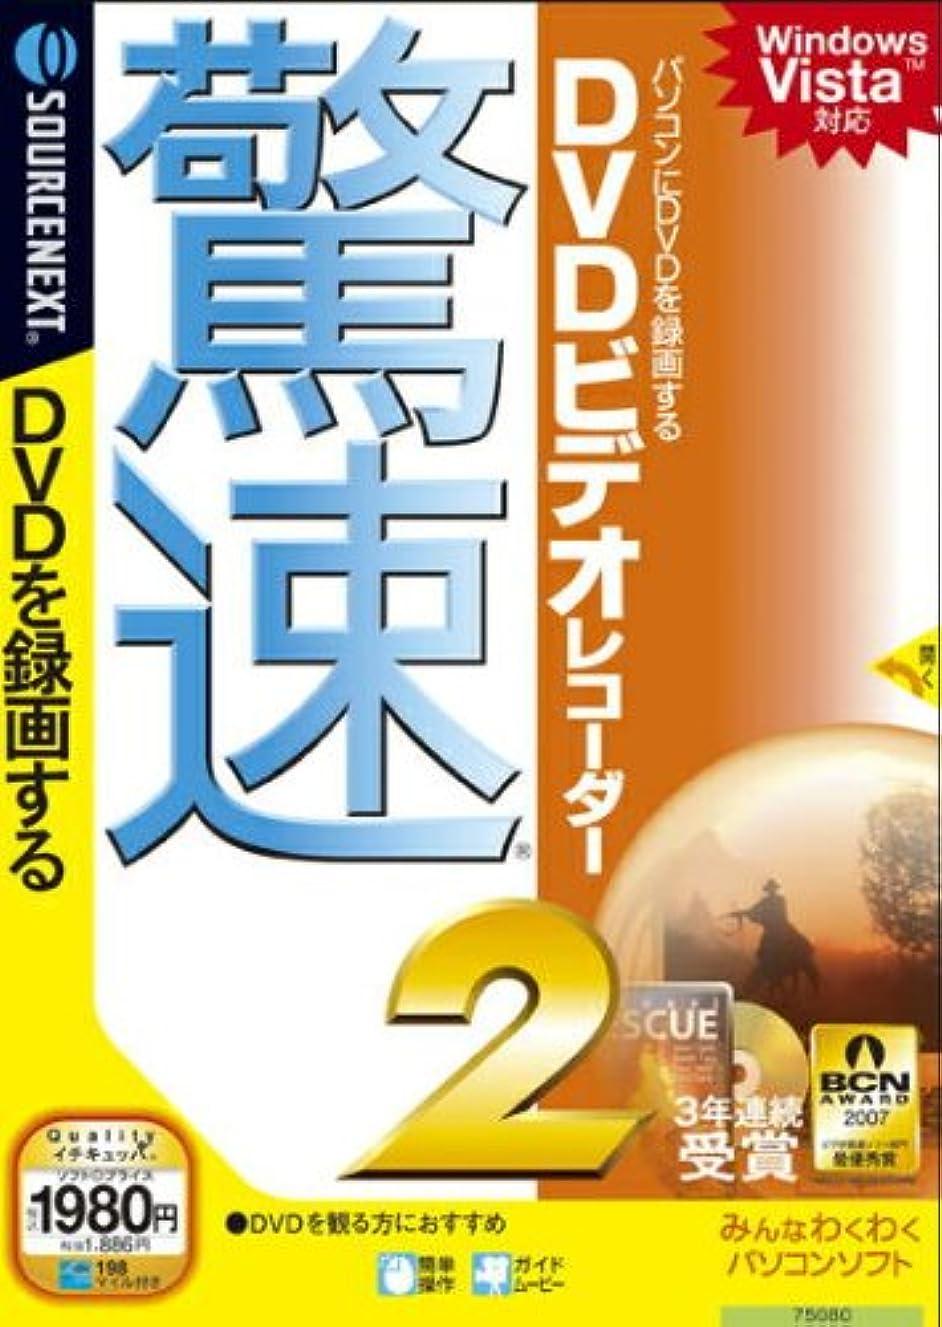 雨ご意見発表驚速DVDビデオレコーダー2 (説明扉付スリムパッケージ版)